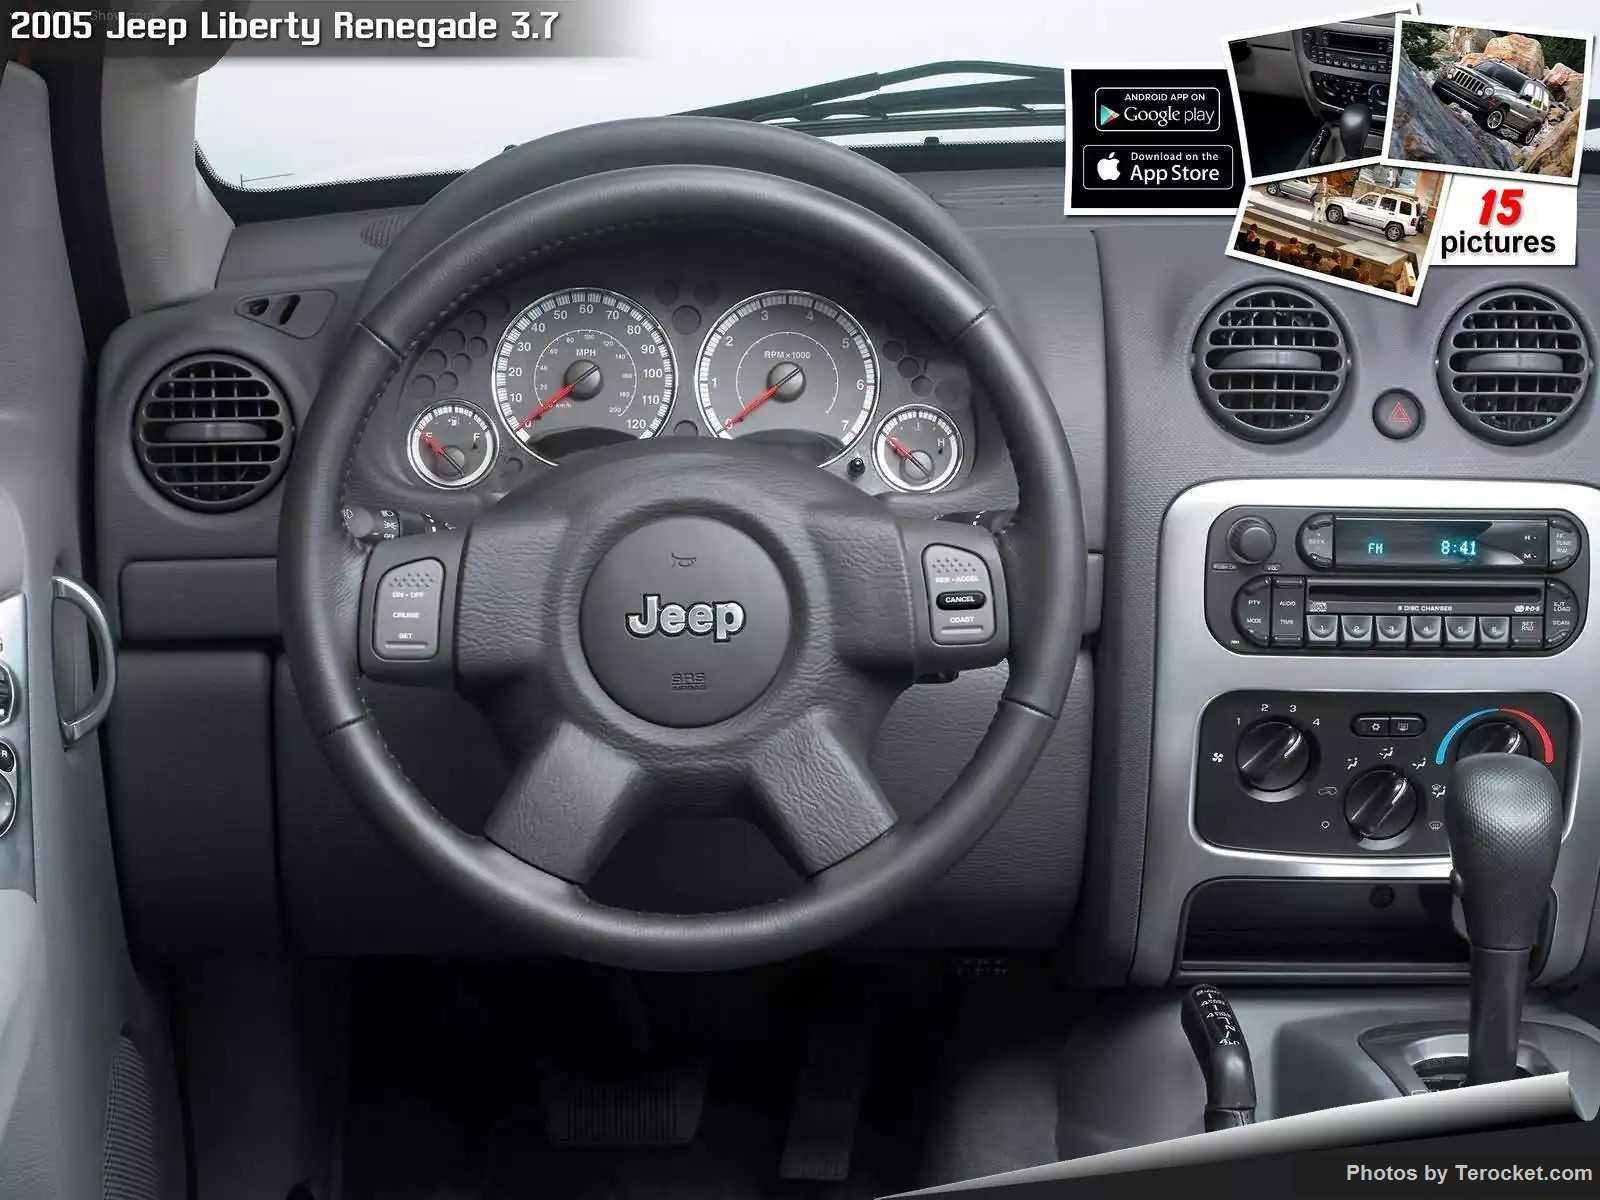 Hình ảnh xe ô tô Jeep Liberty Renegade 3.7 2005 & nội ngoại thất